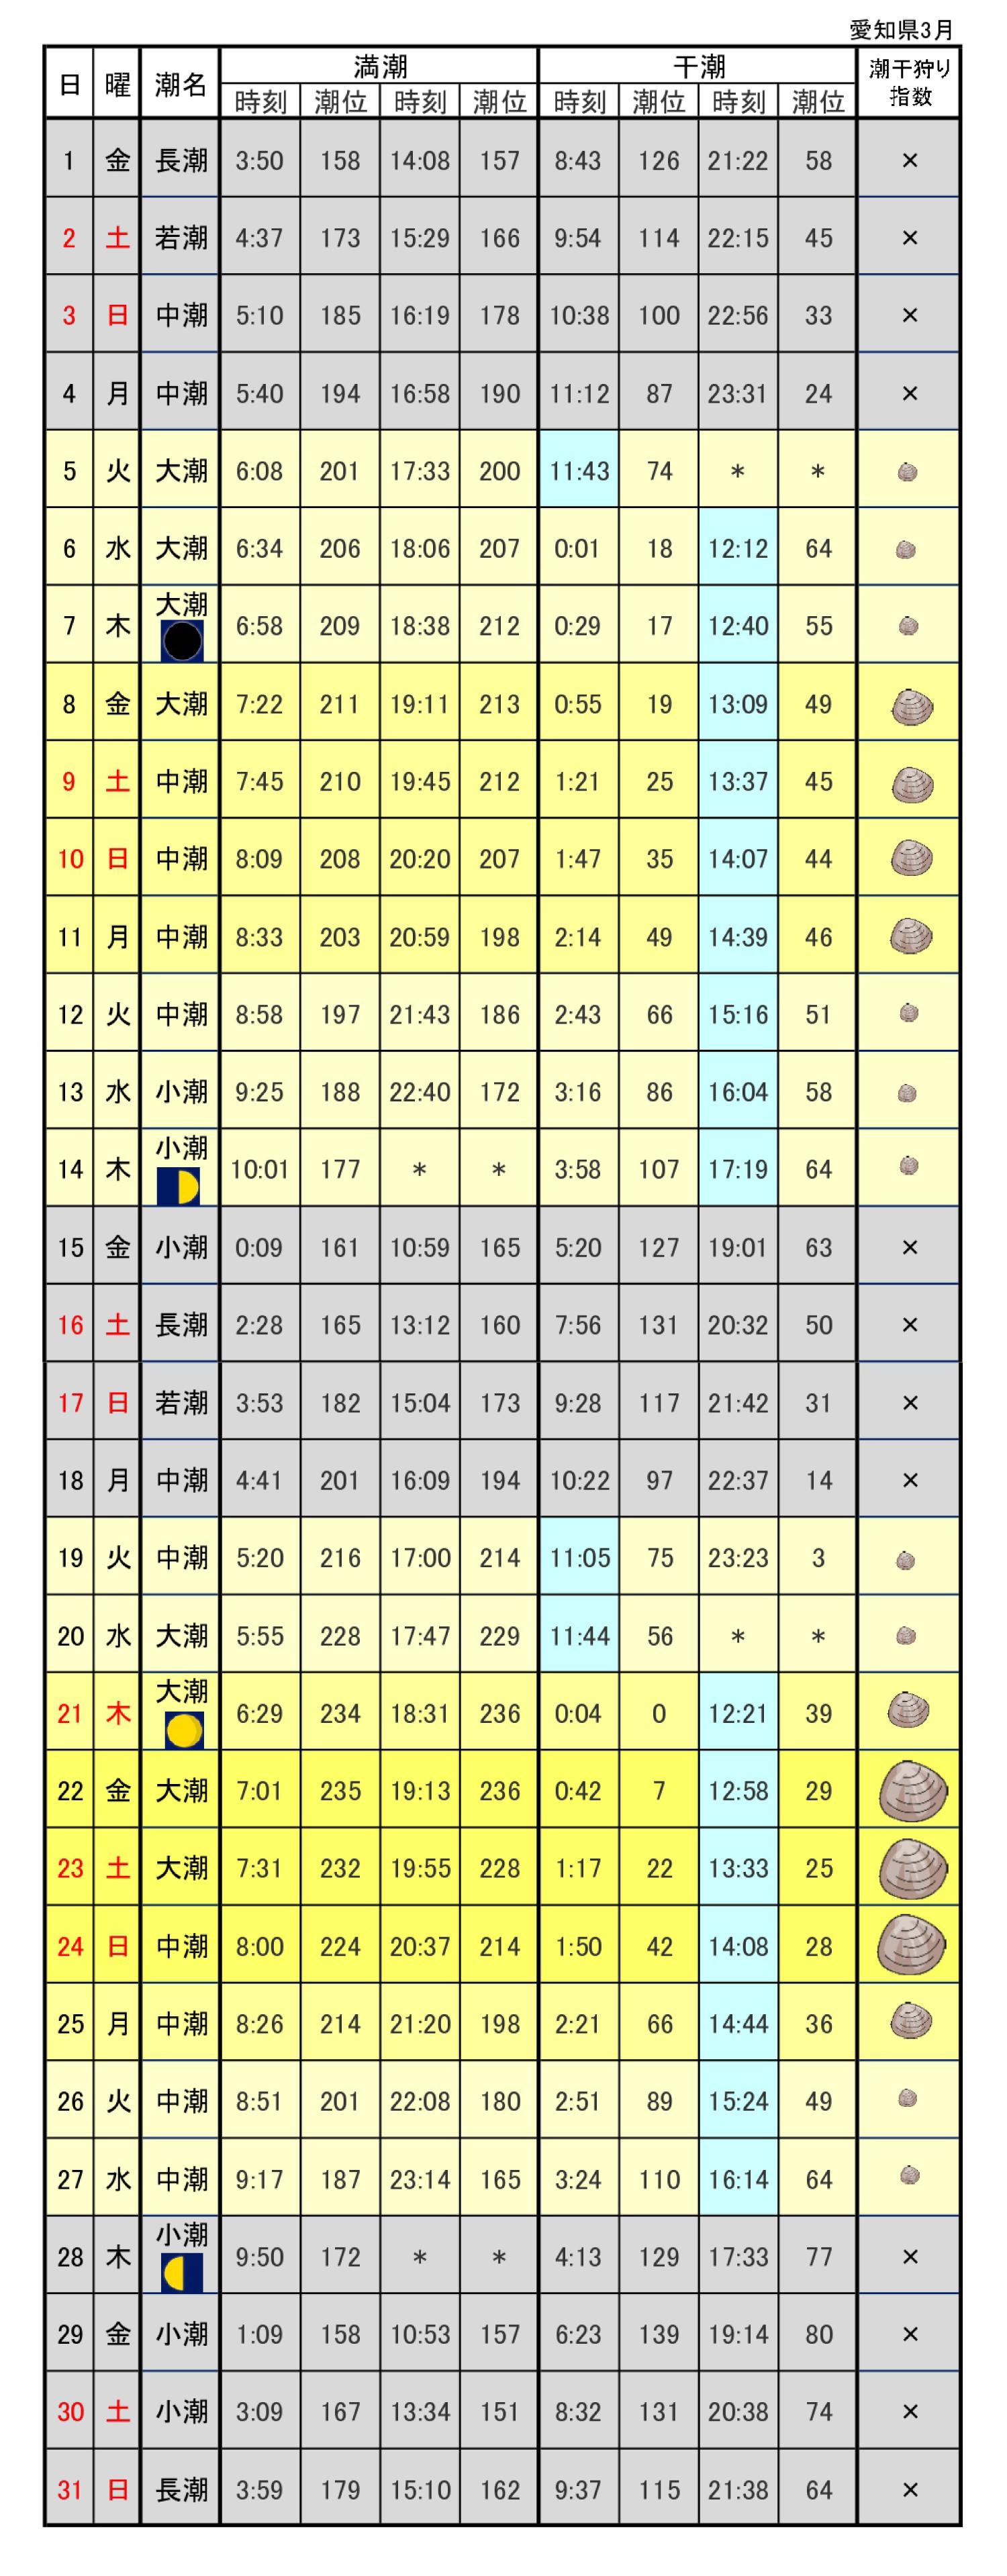 愛知潮干狩りカレンダー2019年3月